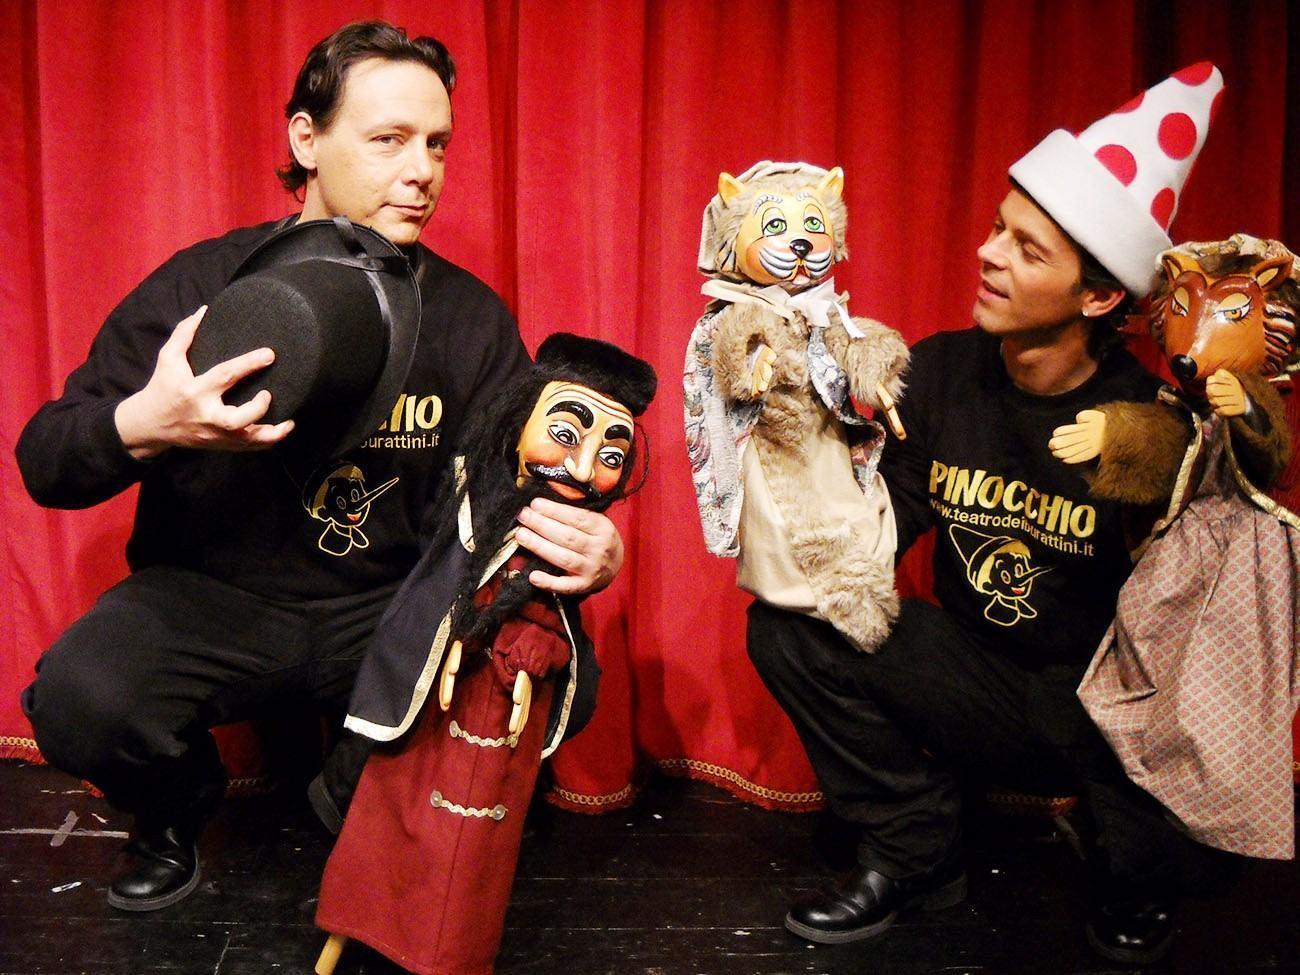 Pinocchio un burattino contro il bullismo sabato 11 e domenica 12 gennaio al Capitini